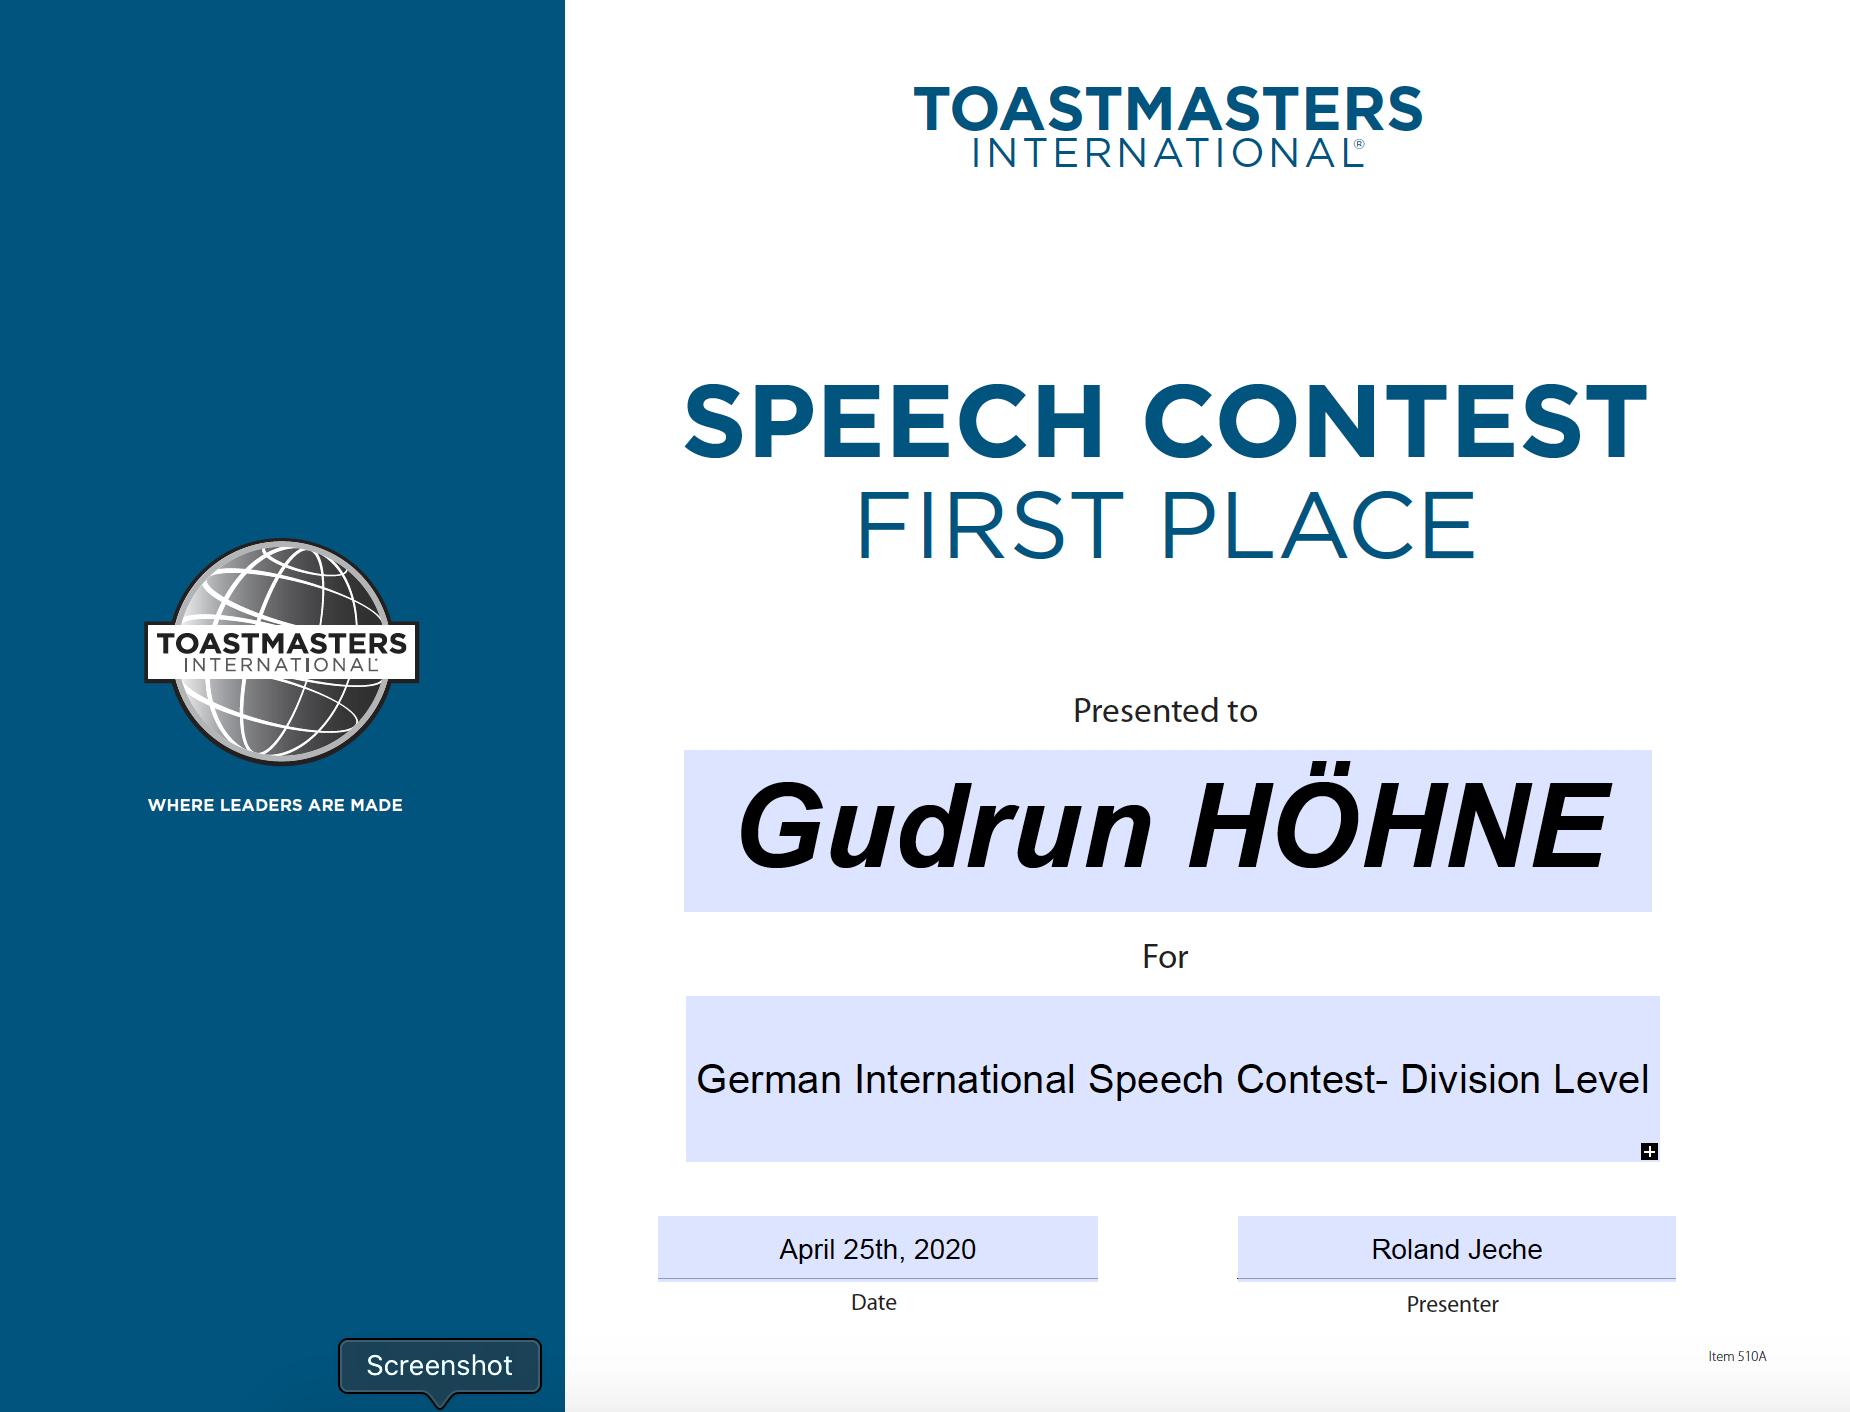 Gudrun Hoehne Redewettbewerb 1. Platz 2020